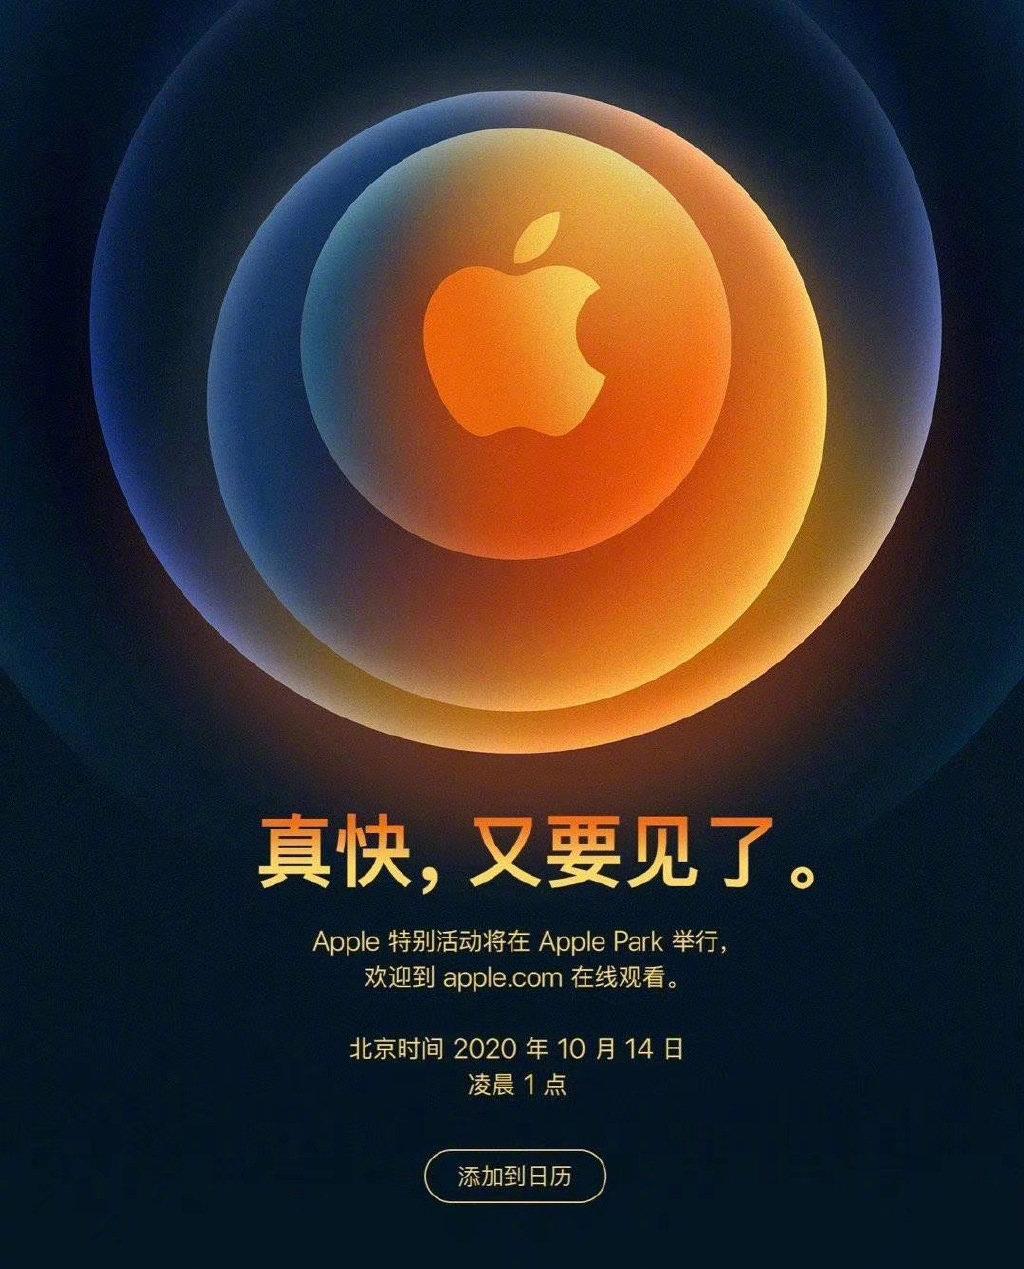 苹果下周举行发布会,iPhone 12全系配色、存储曝光 - 热点资讯 首页 第1张